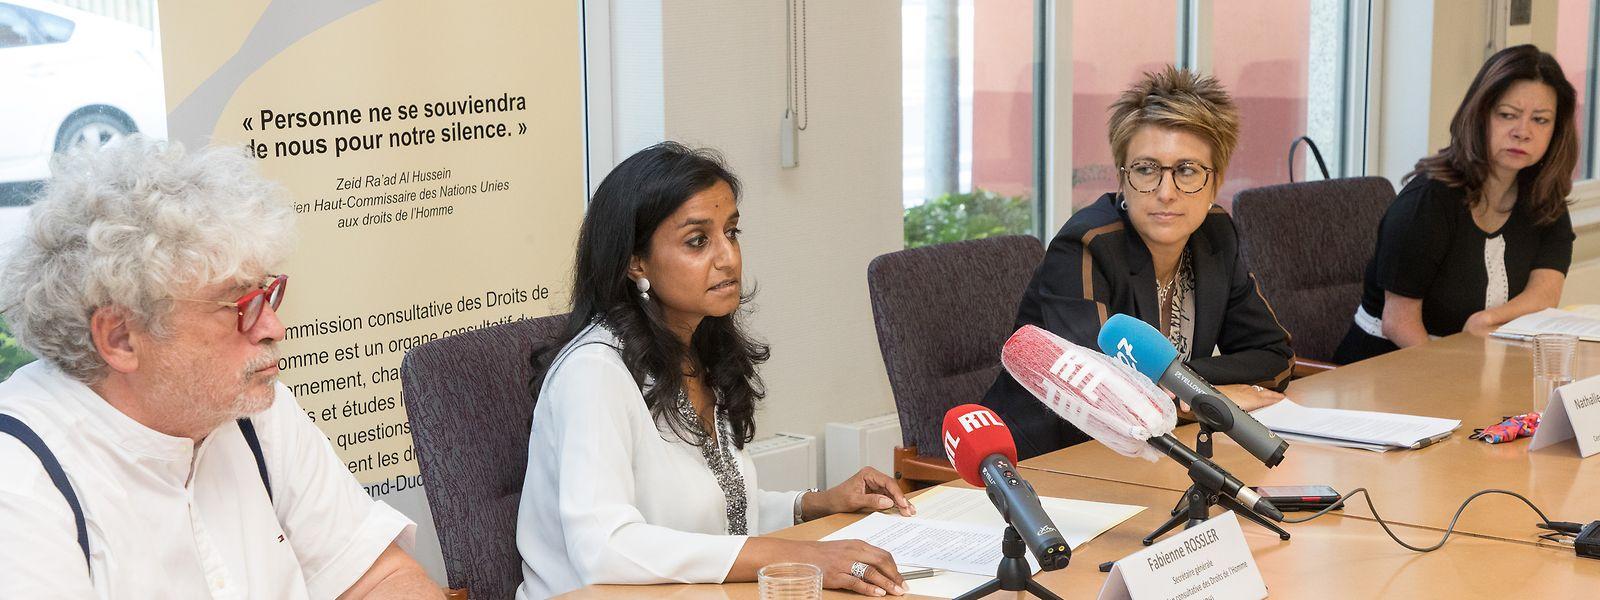 Menschenrechtskommission, Zentrum für Chancengleichheit und Ombudsman beklagten den Umgang mit behinderten Menschen in Heimen.